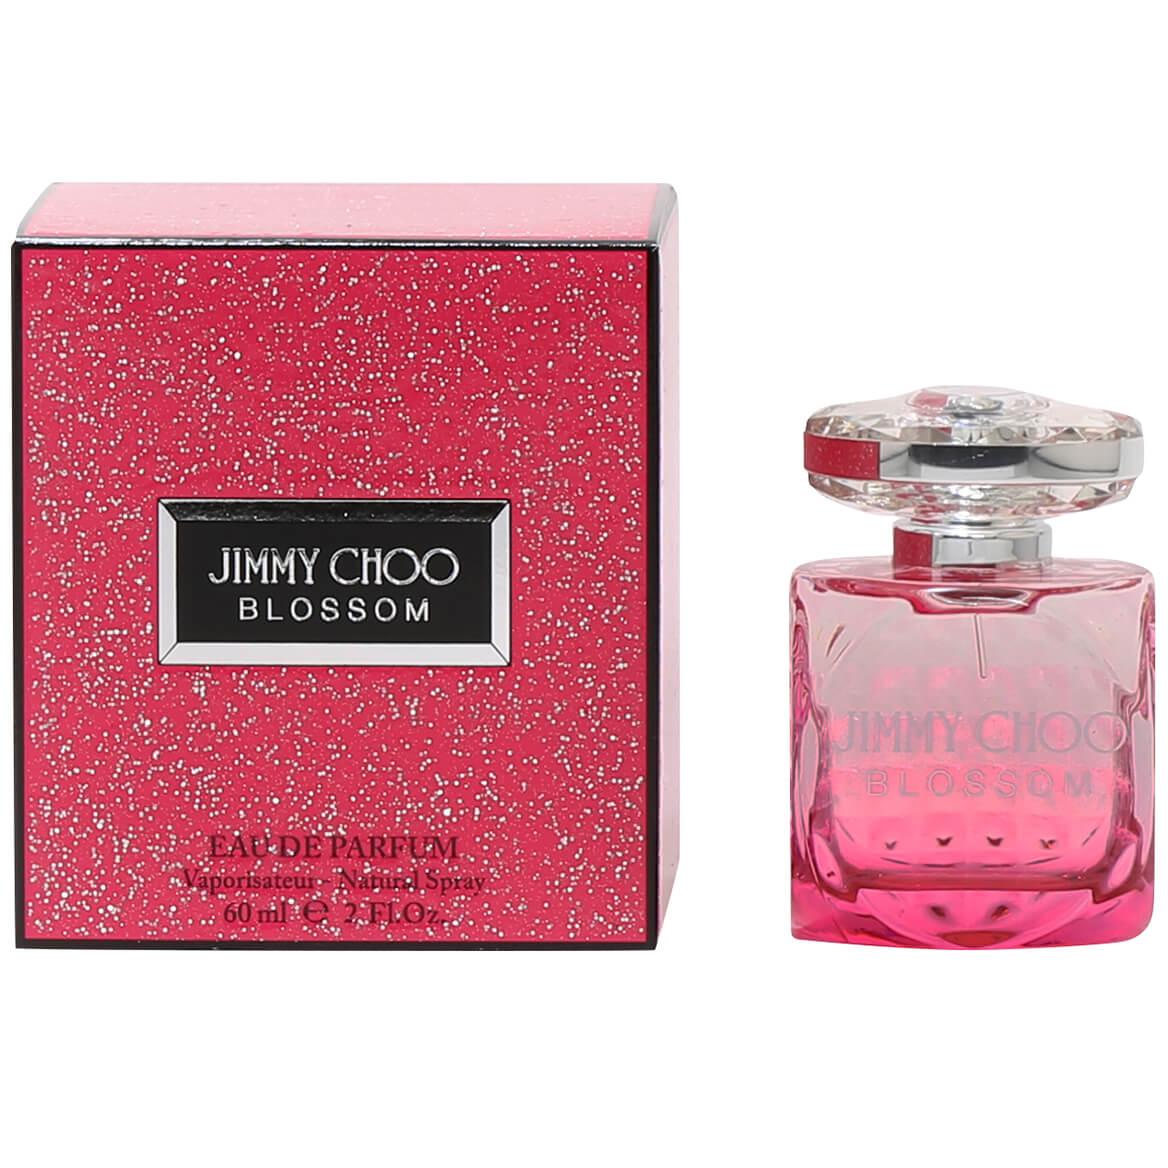 Jimmy Choo Blossom for Women EDP, 2 oz.-366853